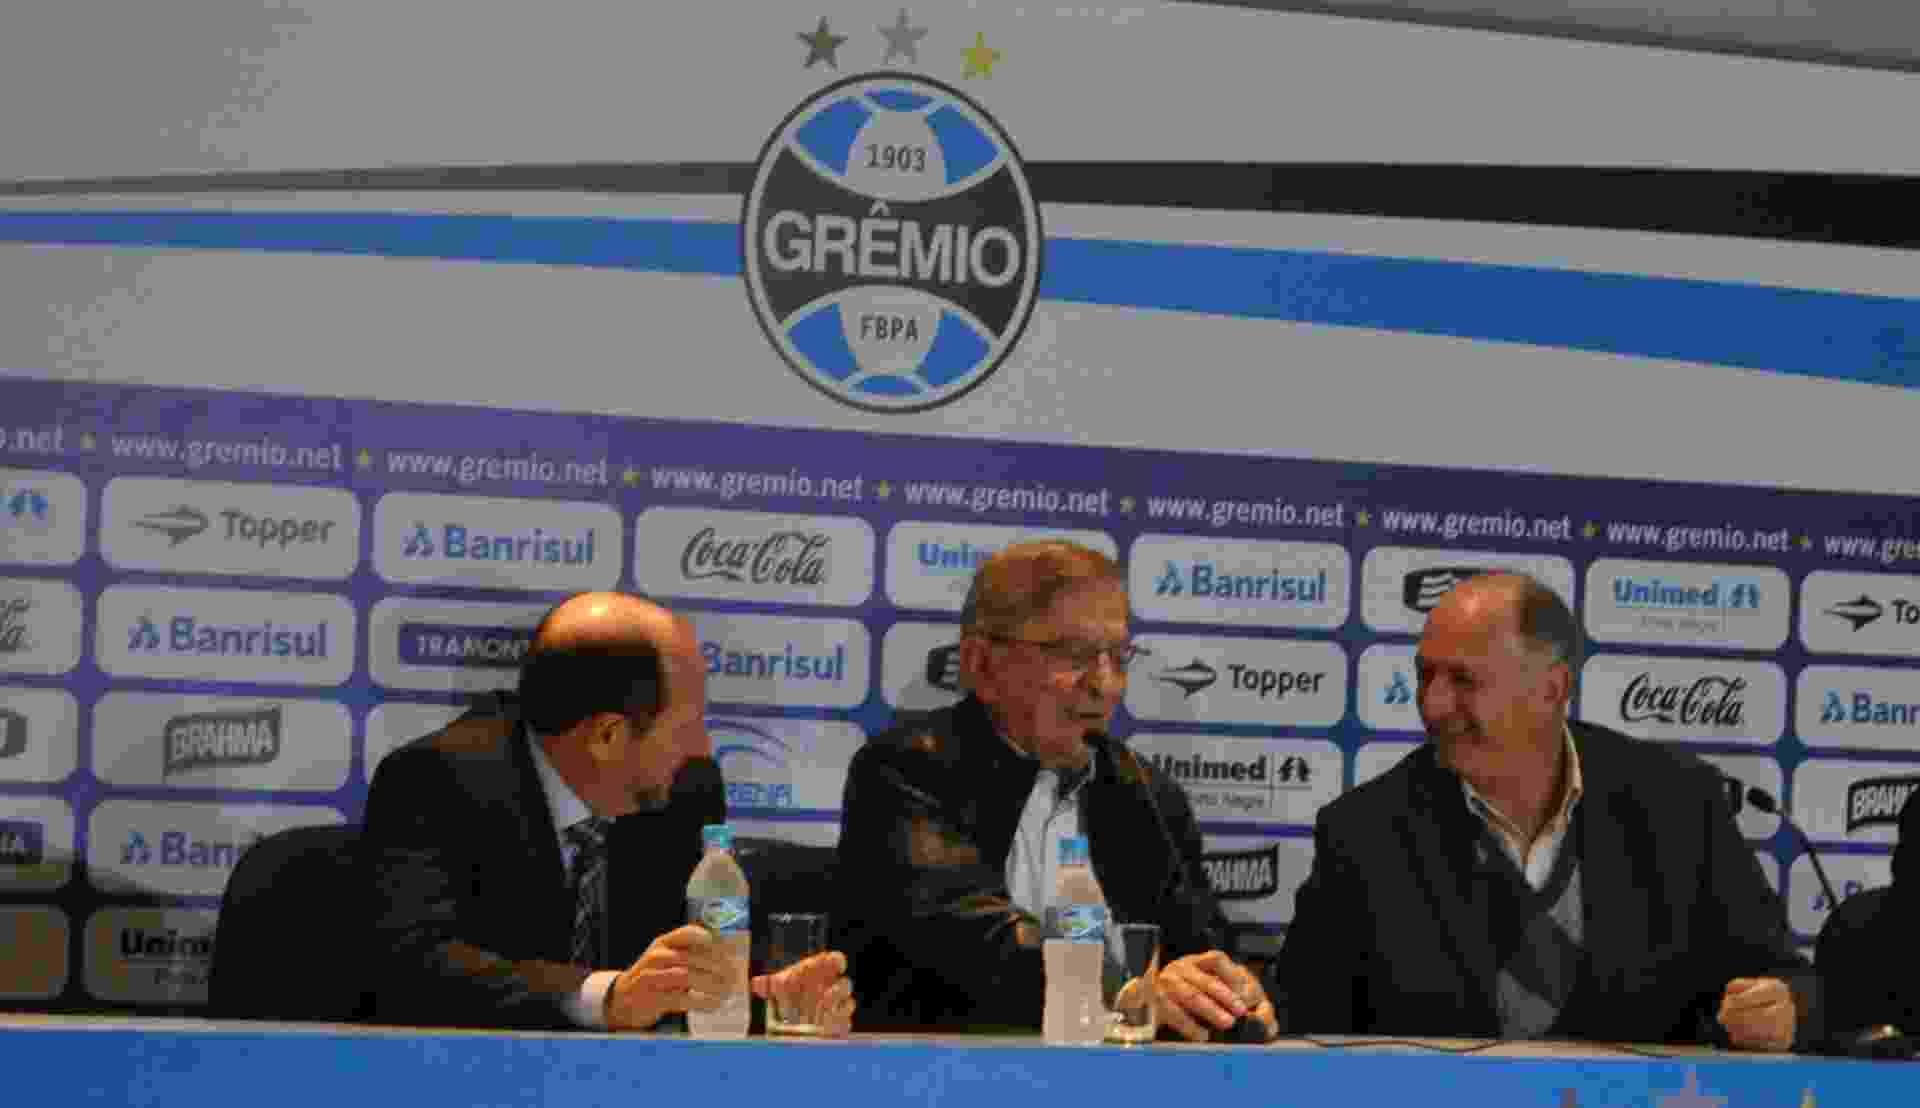 30.07.2014 - Felipão (direita) é apresentado ao Grêmio ao lado de Fábio Koff (centro) - Marinho Saldanha / UOL